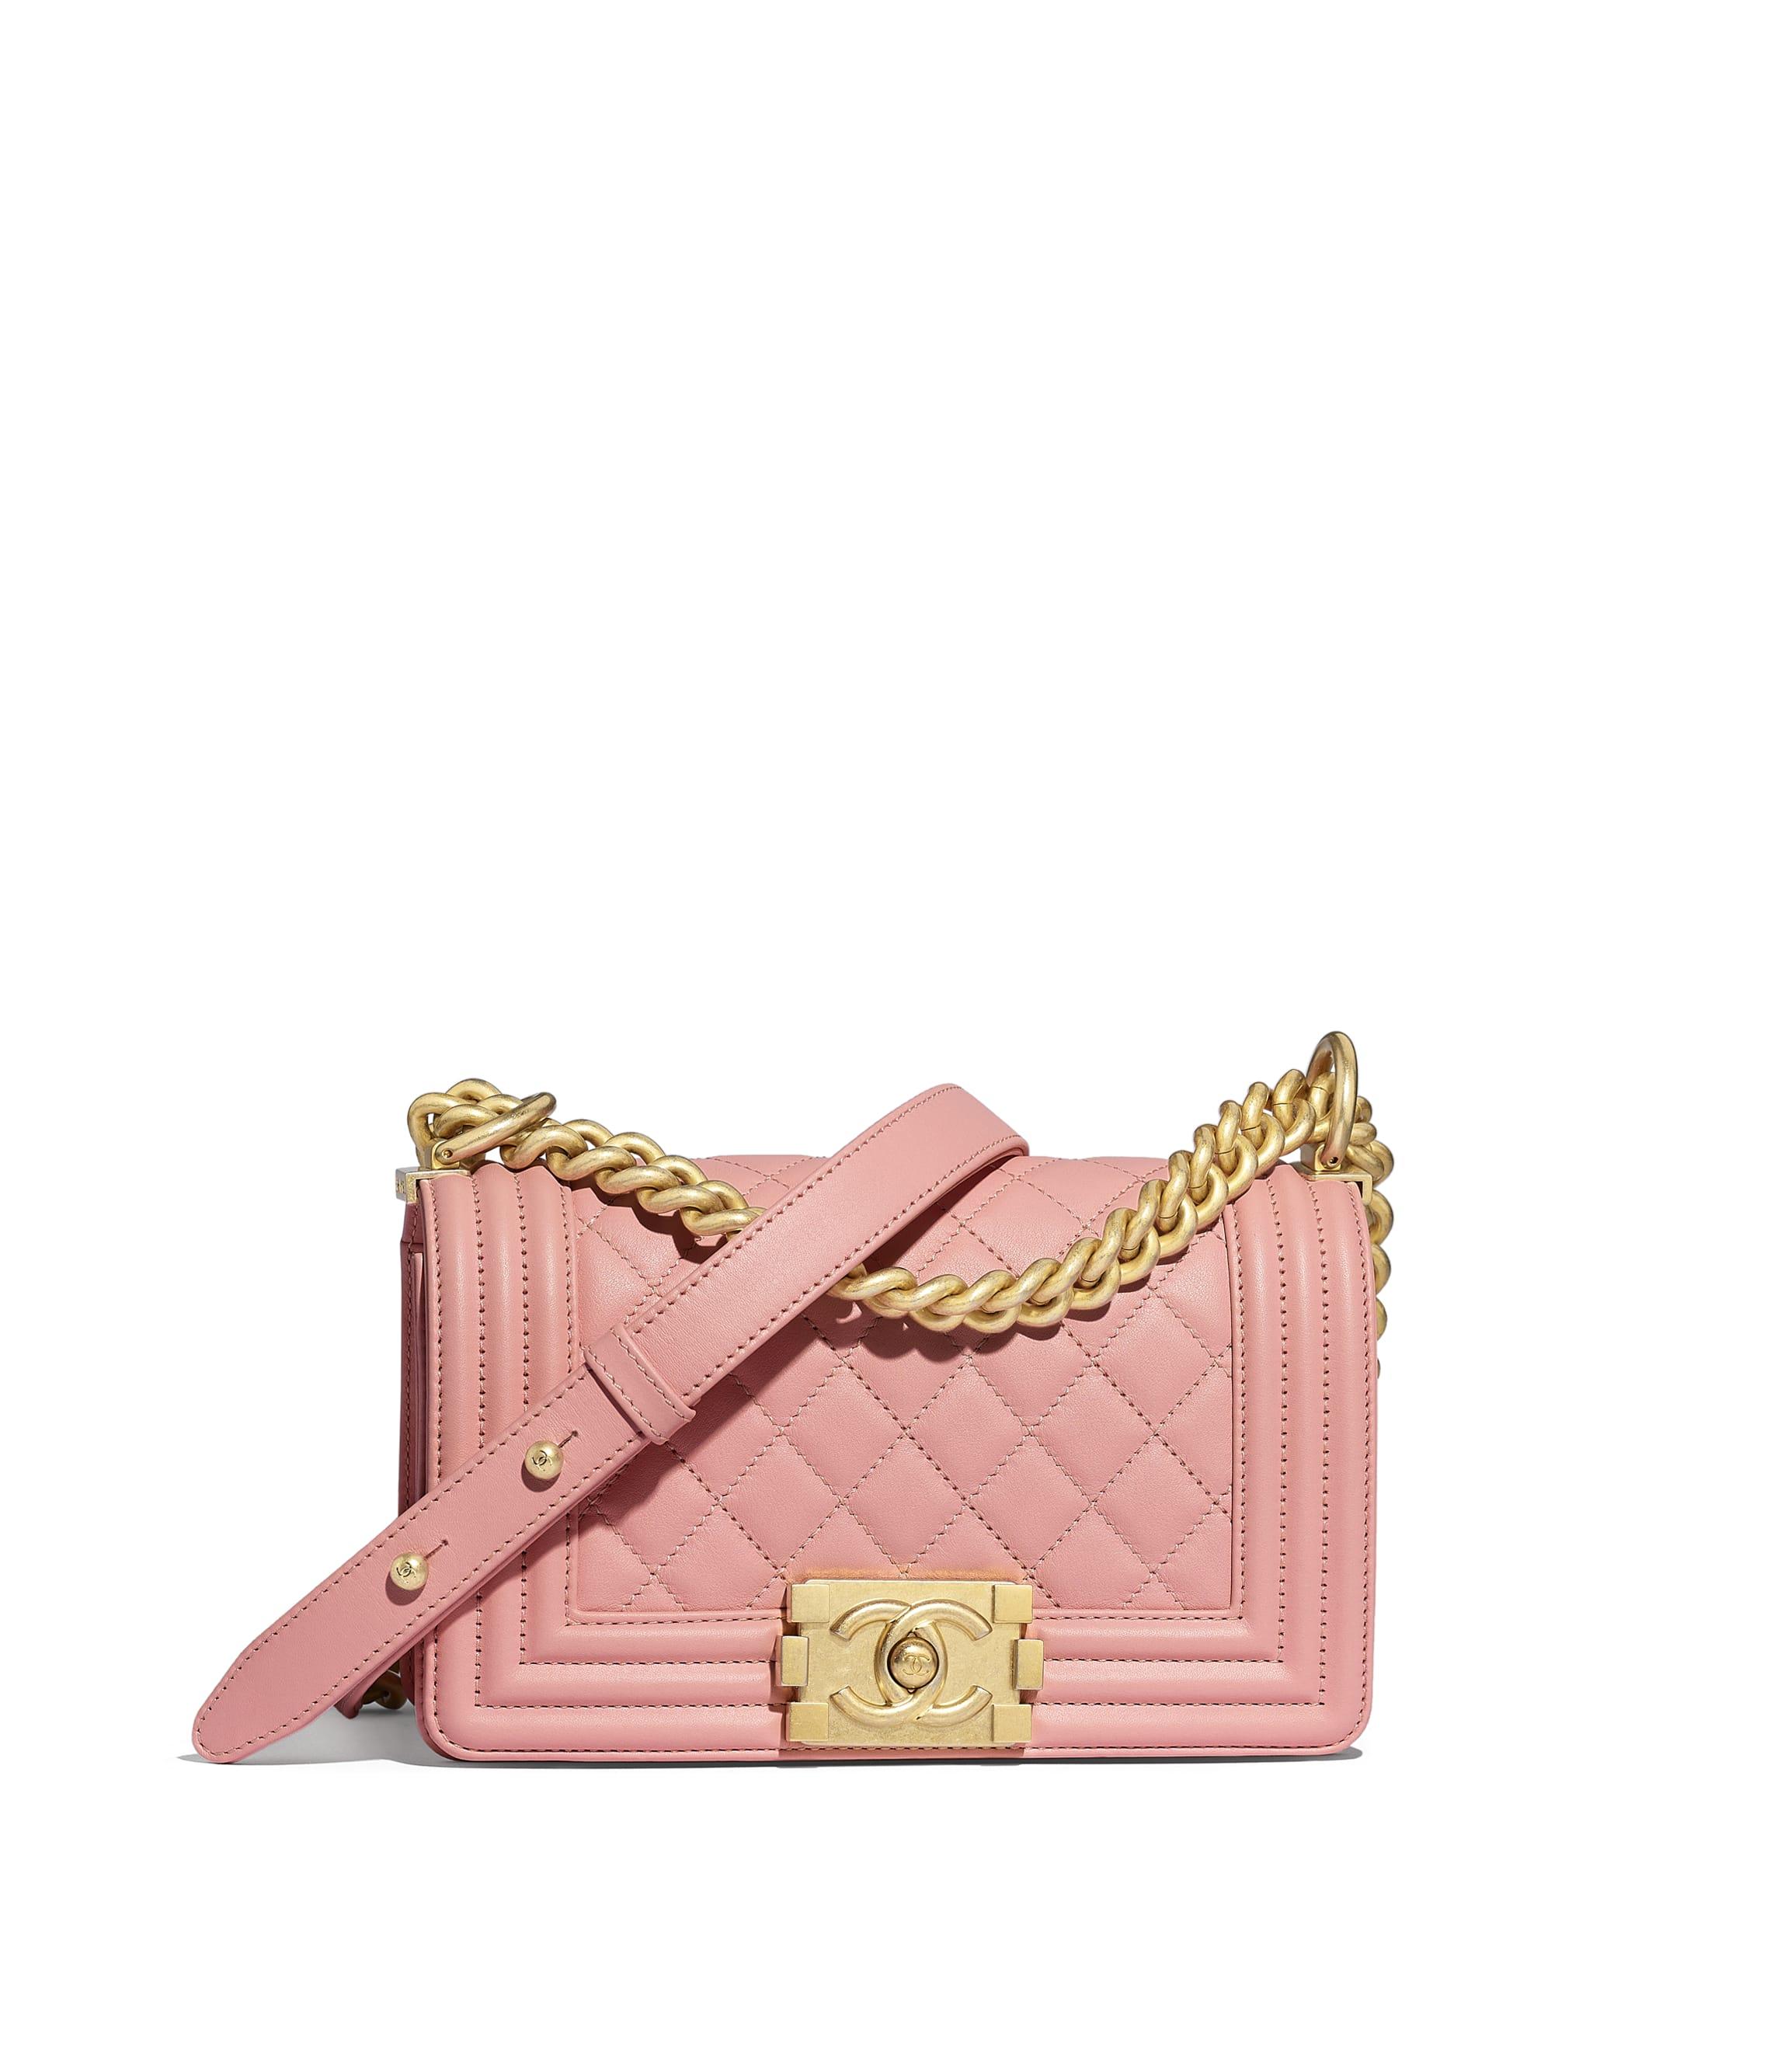 8dac5b2ef6e6 BOY CHANEL - Handbags - CHANEL